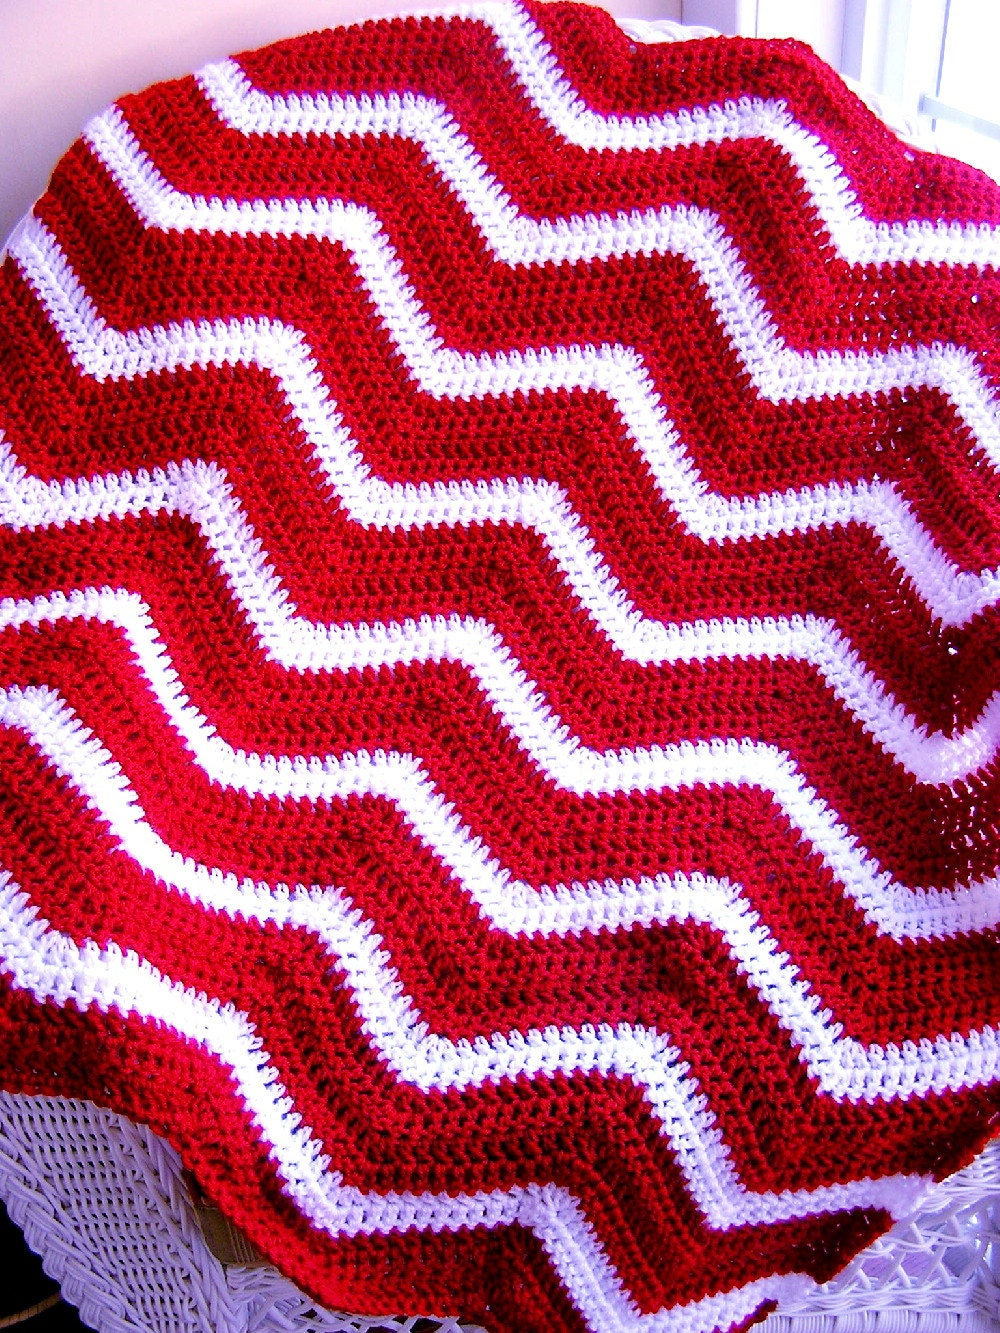 Zigzag Knitting Pattern Baby Blanket : chevron zig zag baby blanket afghan wrap crochet knit